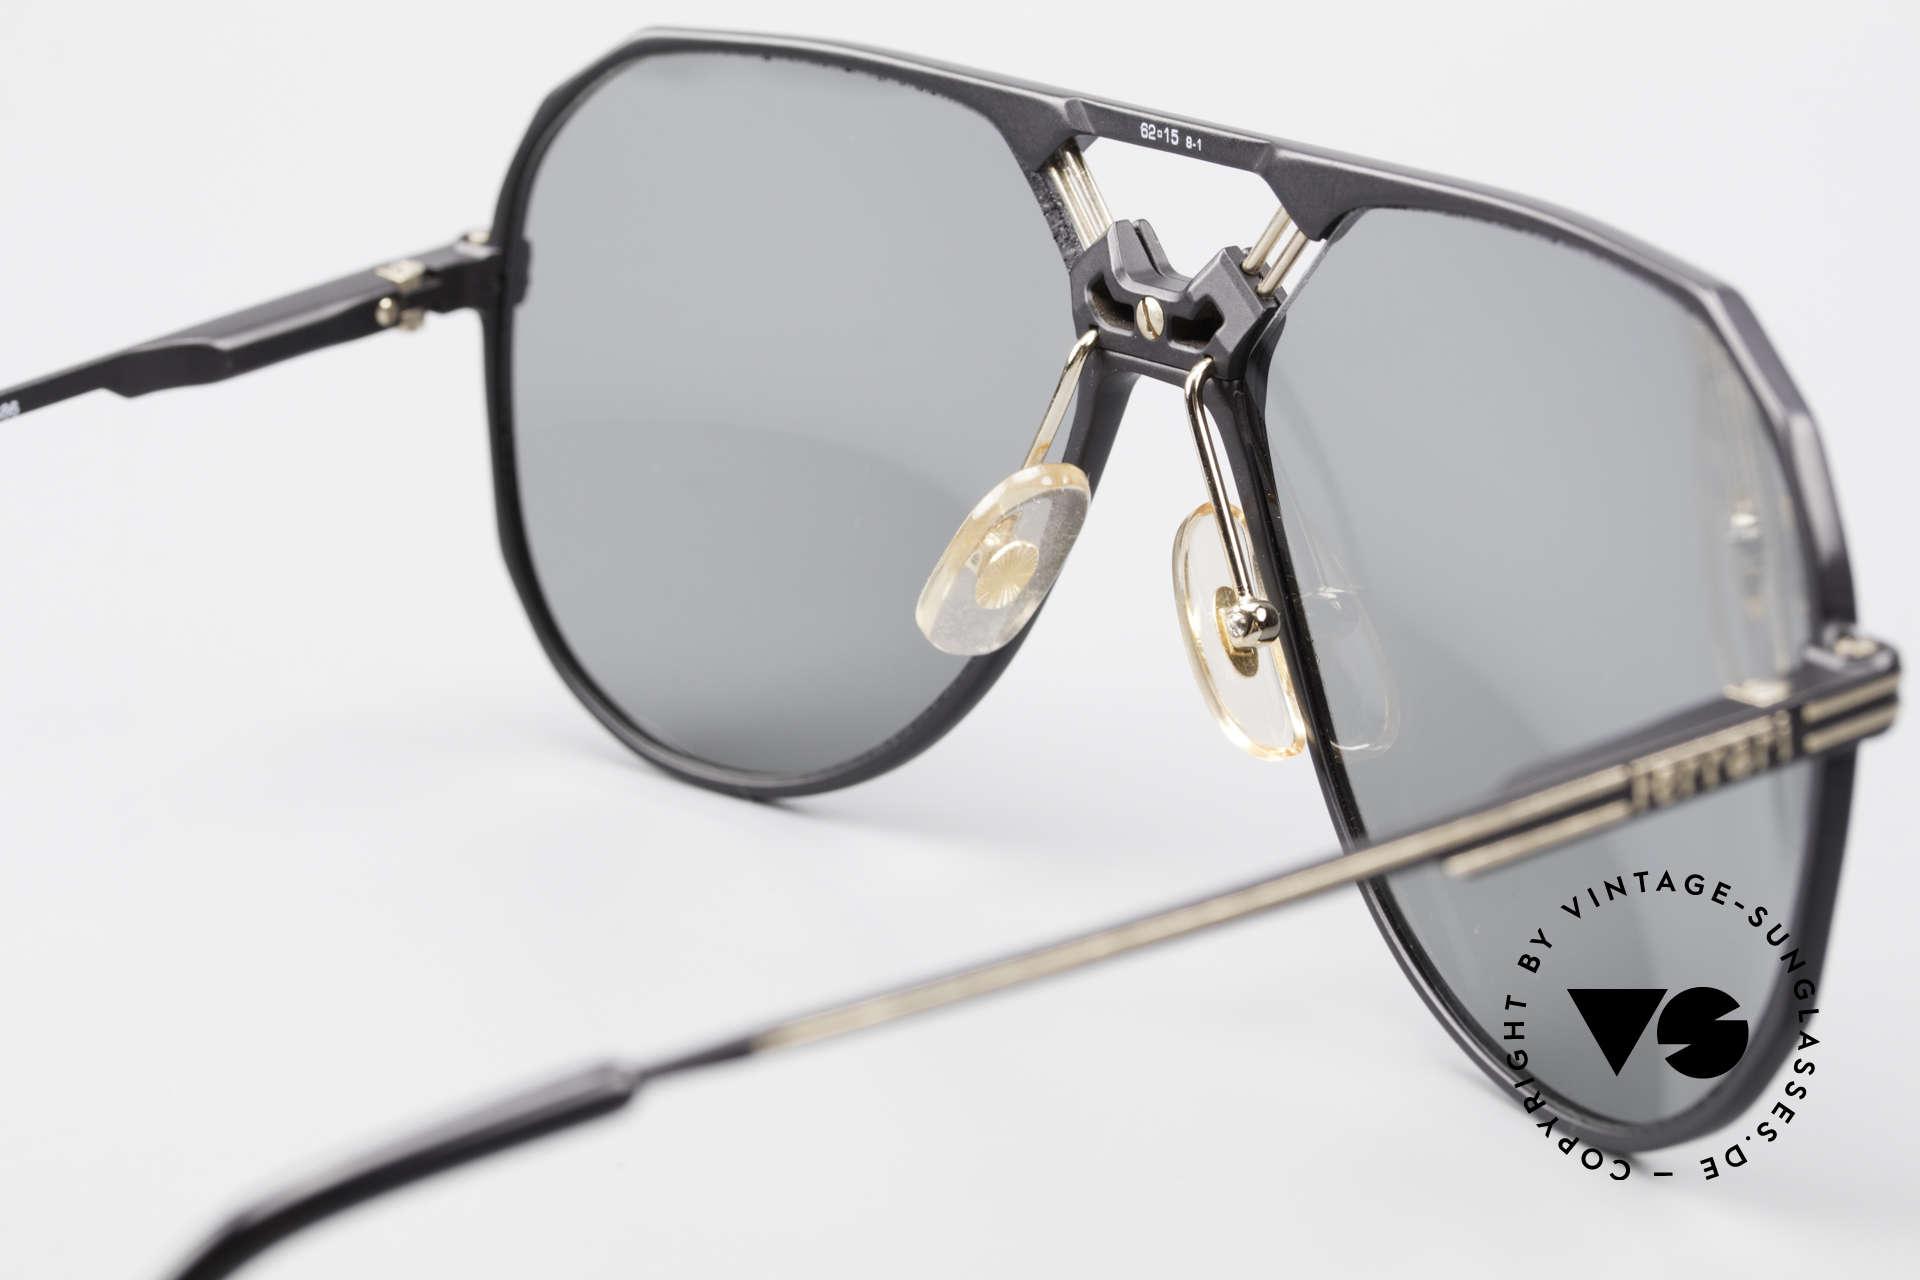 Ferrari F23/S Sport Aviator Sonnenbrille, KEINE Retrobrille; ein circa 30 Jahre altes ORIGINAL, Passend für Herren